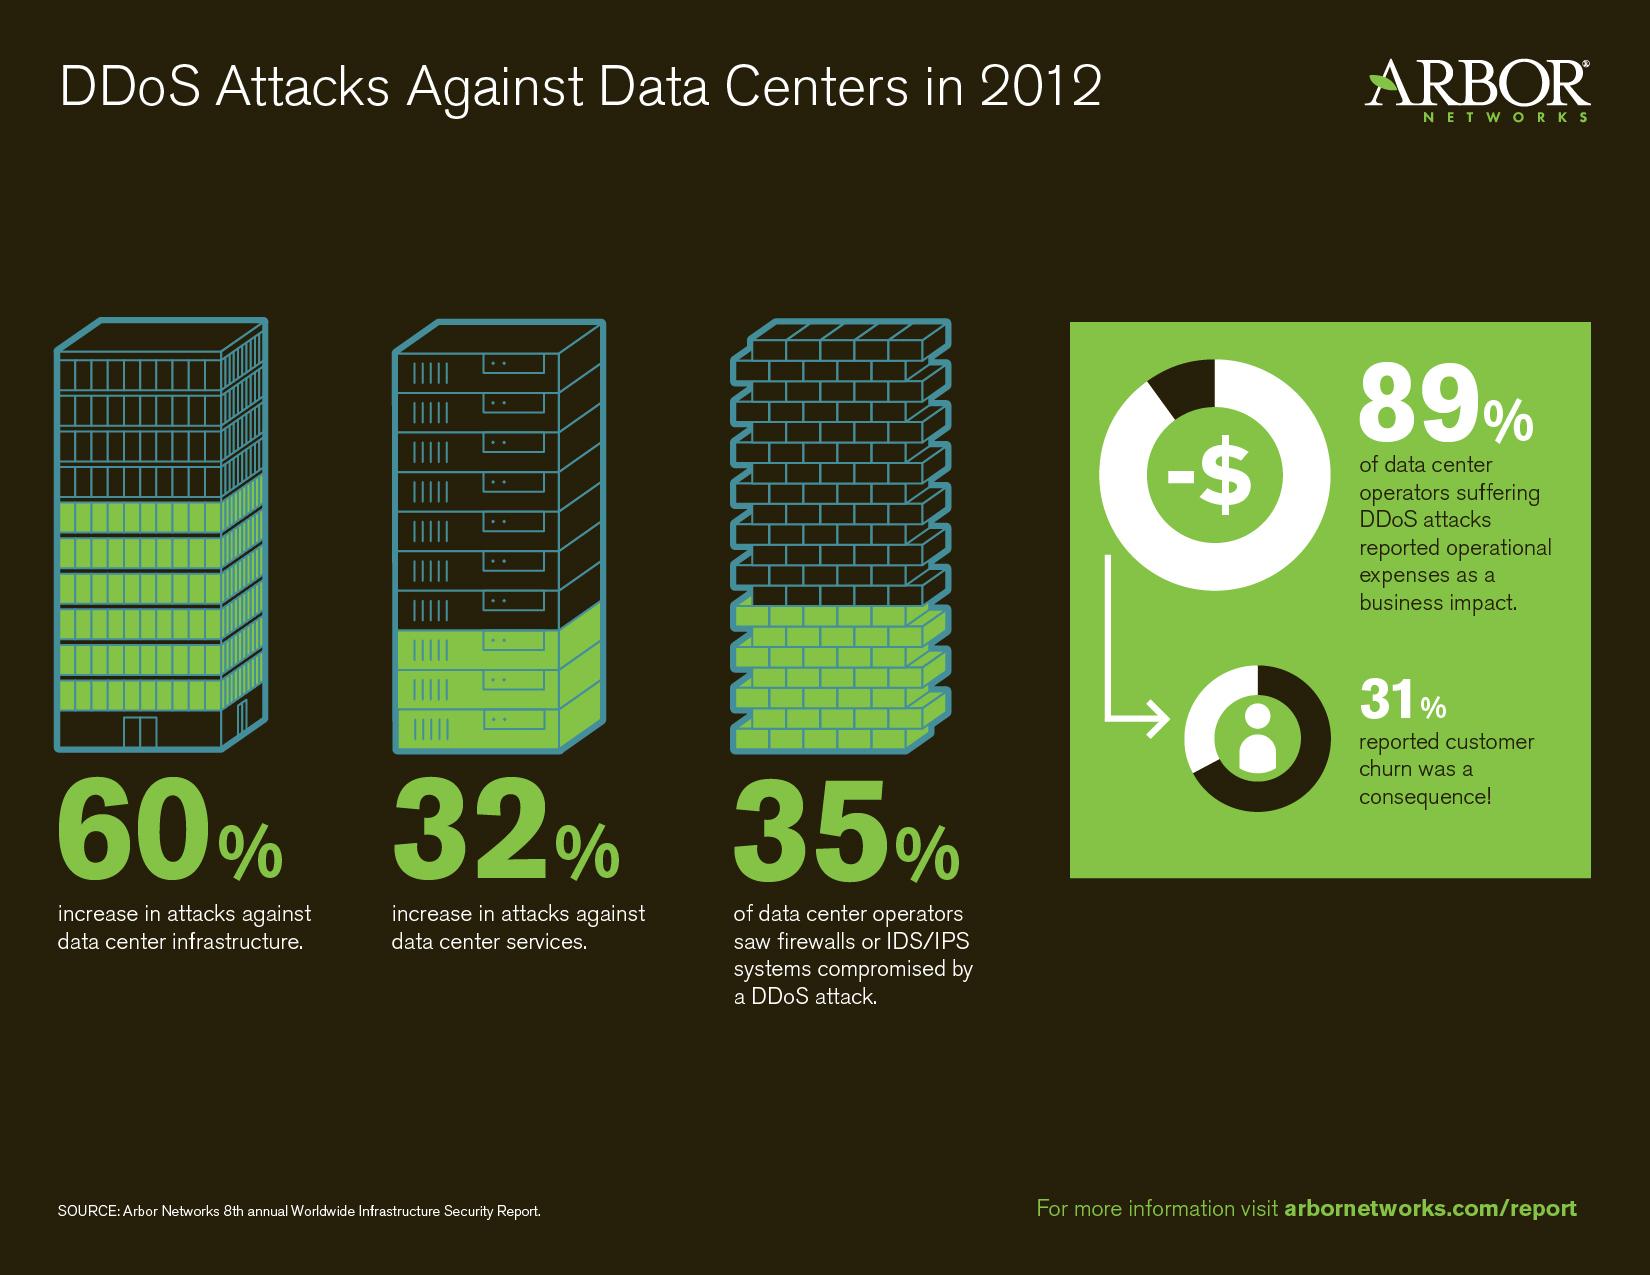 Дата центр как объект для DDoS — тенденция нового времени